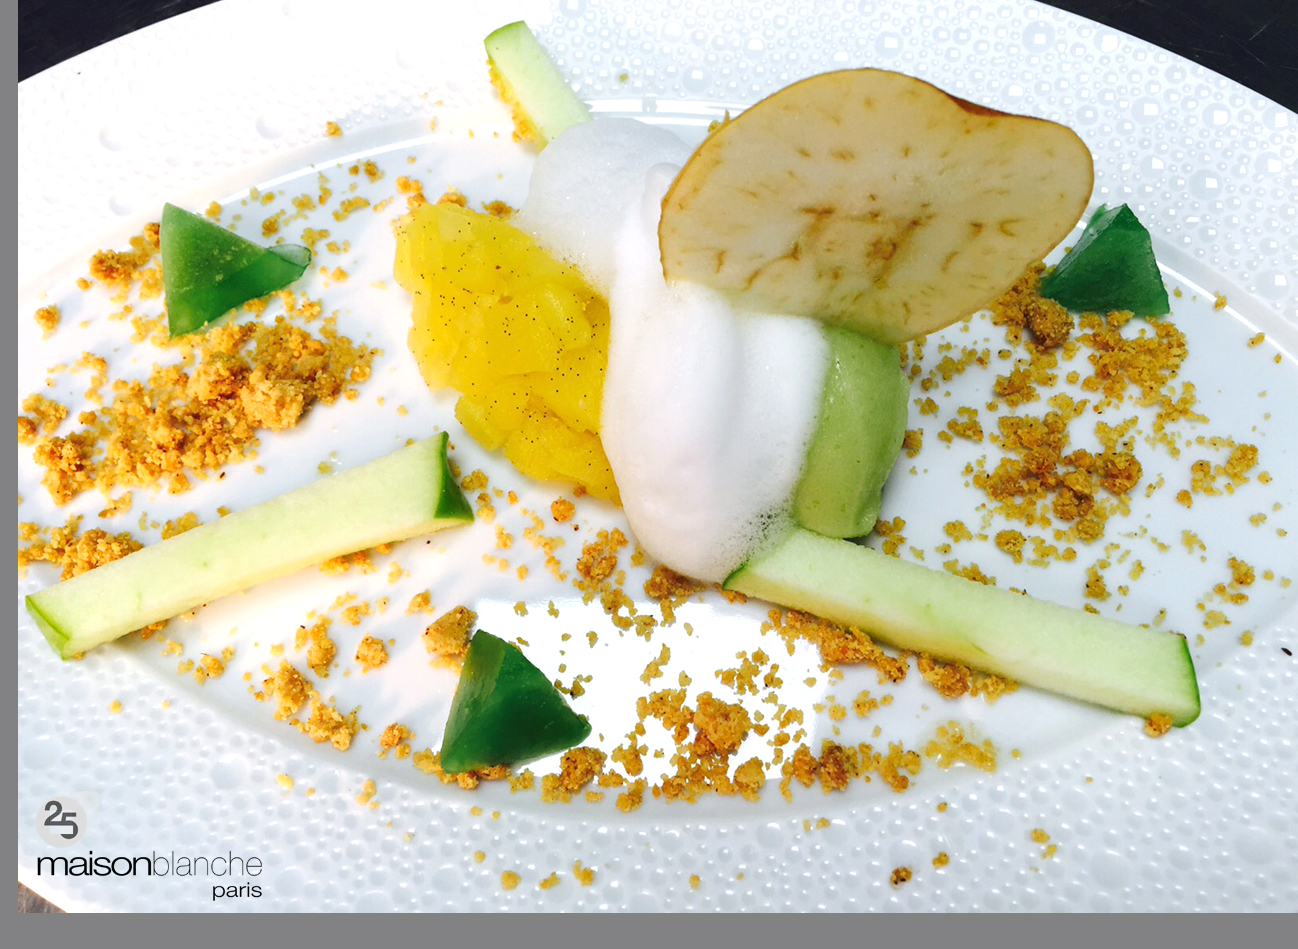 dessert cop 21 maison blanche